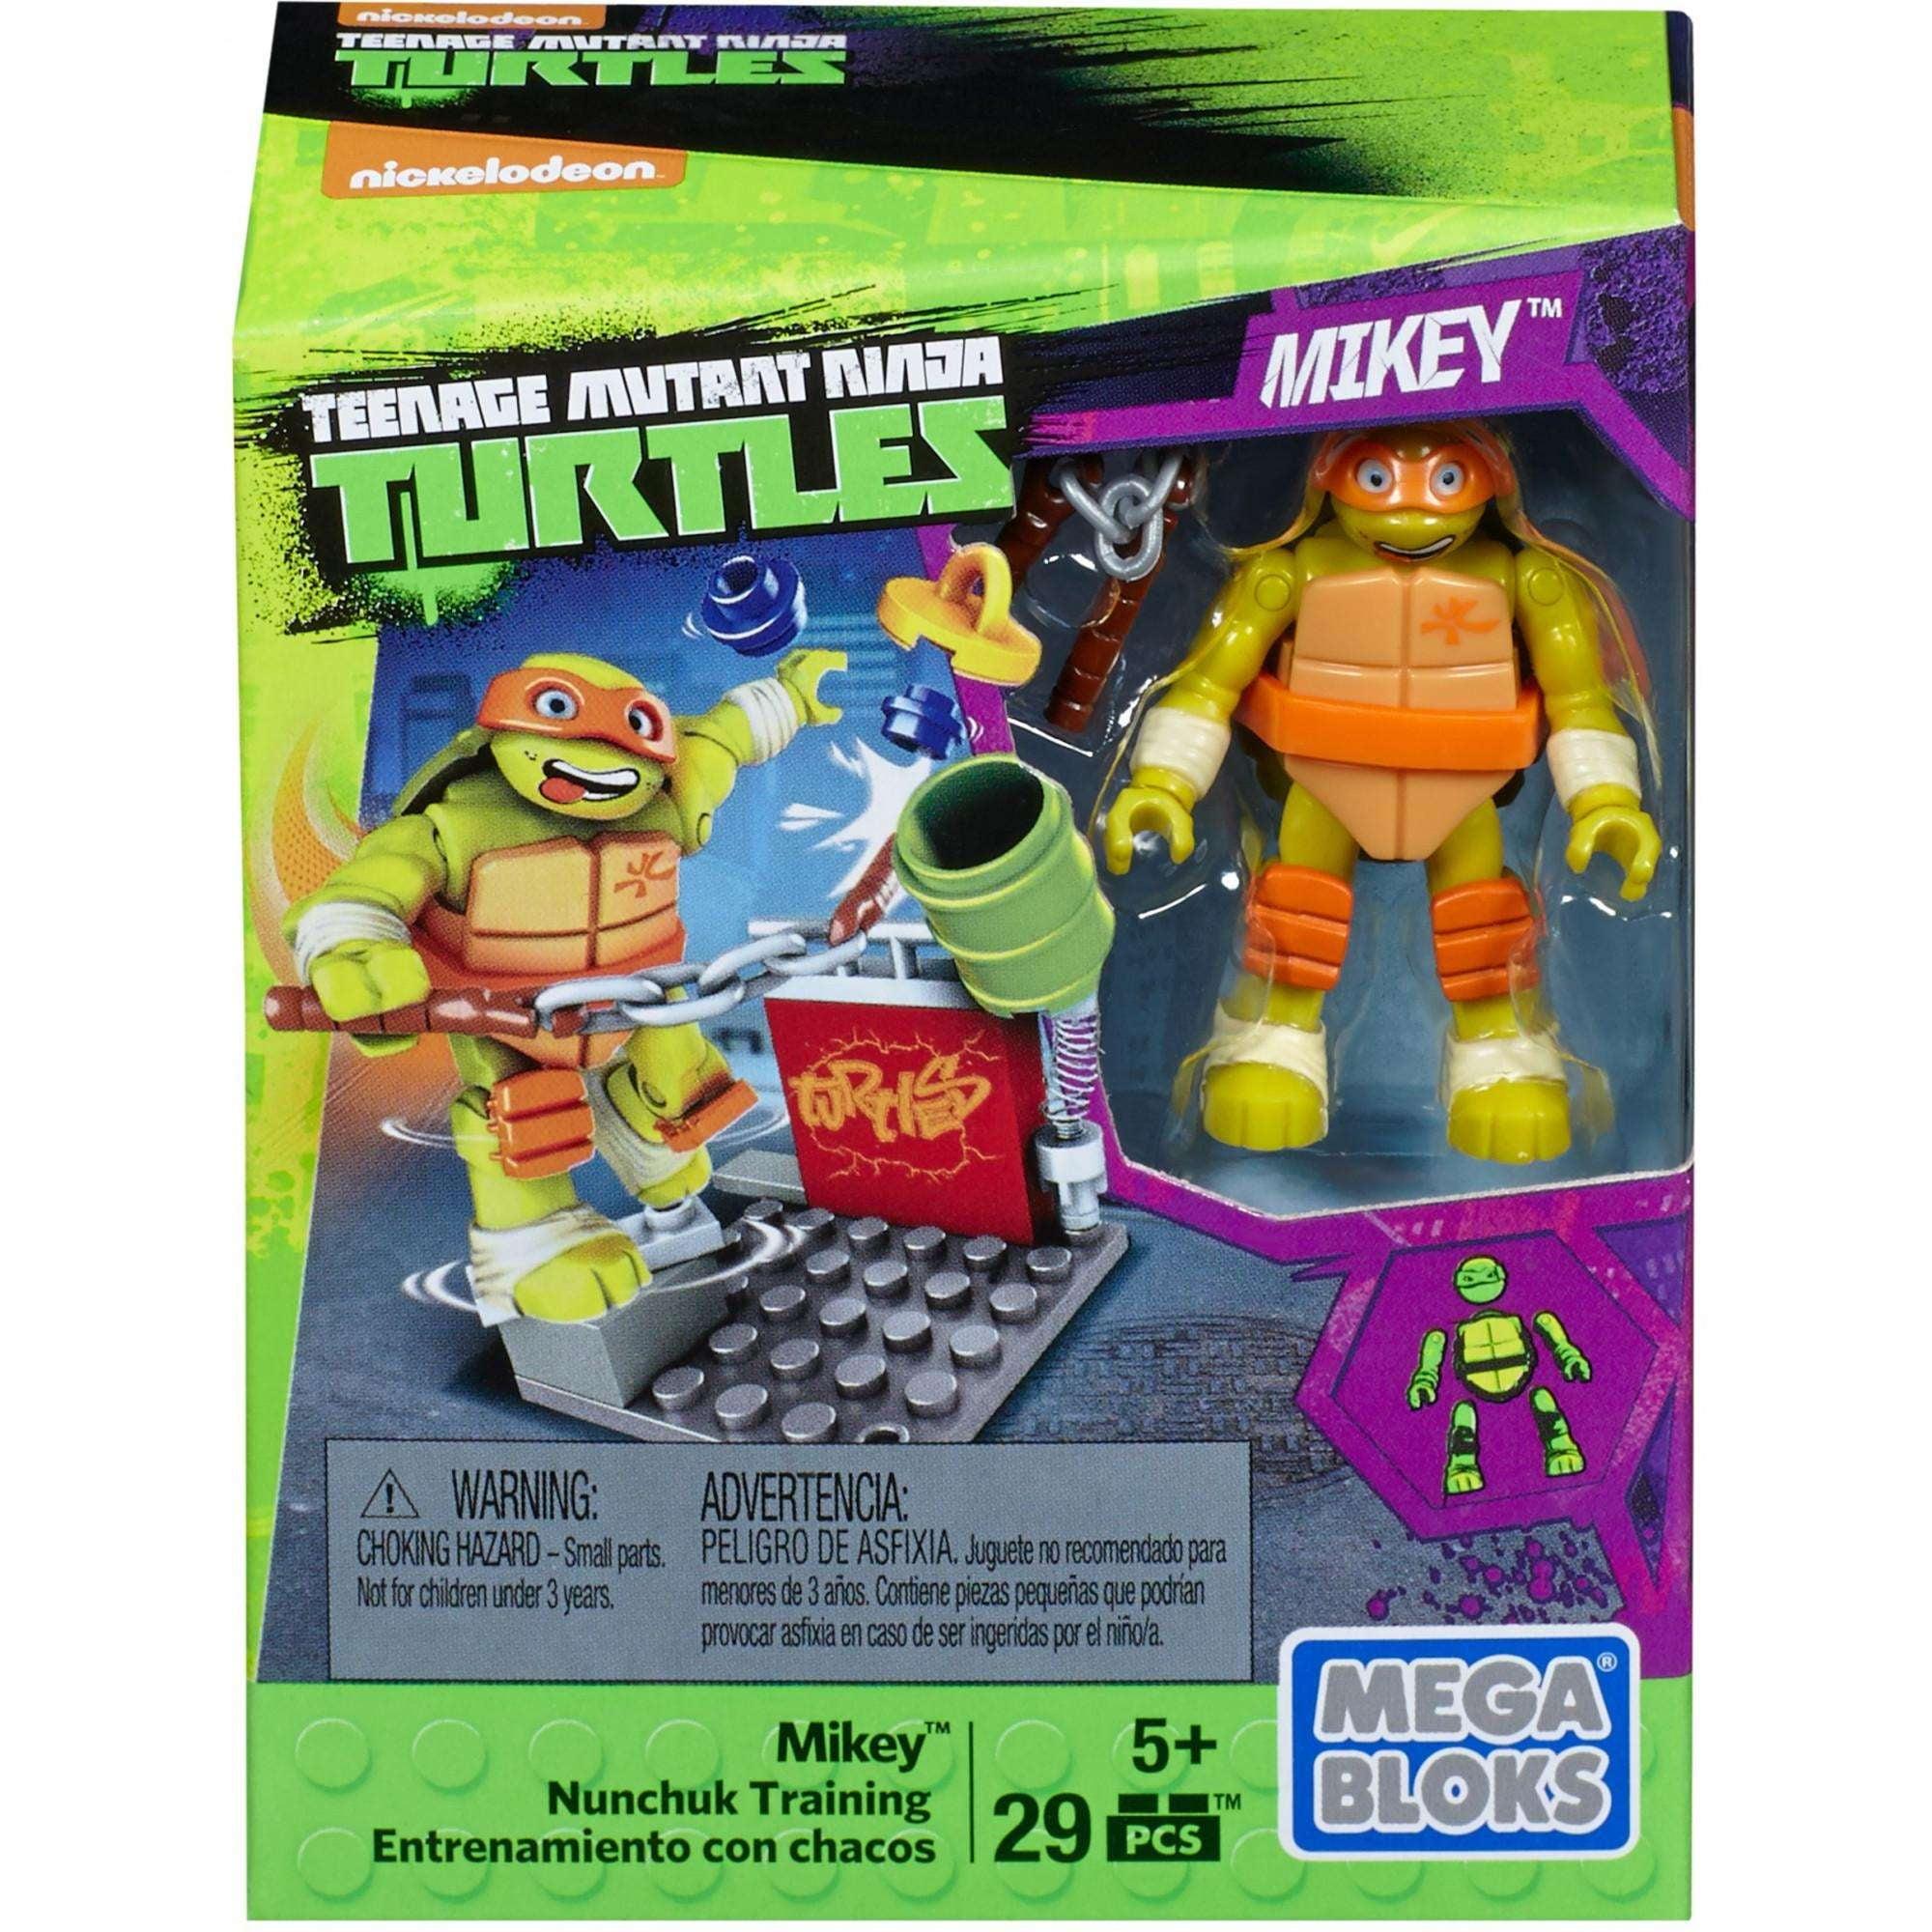 Mega Bloks Teenage Mutant Ninja Turtles Nunchuk Train Training by Mattel